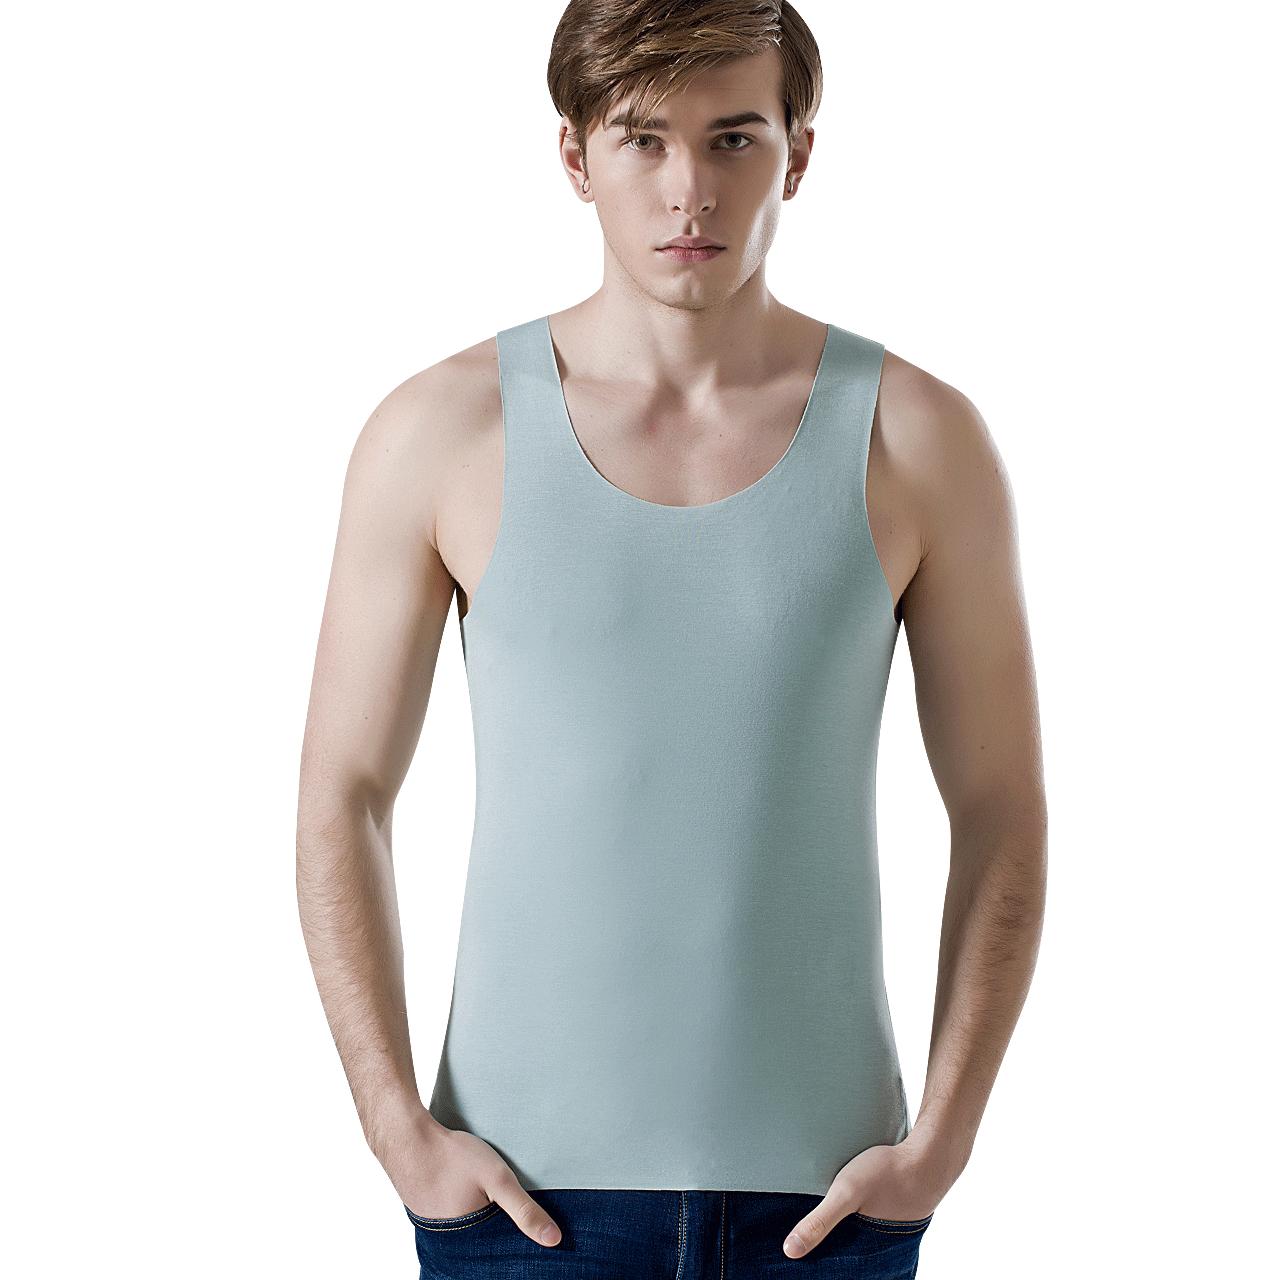 男士背心莫代尔无痕修身型运动紧身健身跨栏背心纯色打底衫男春夏